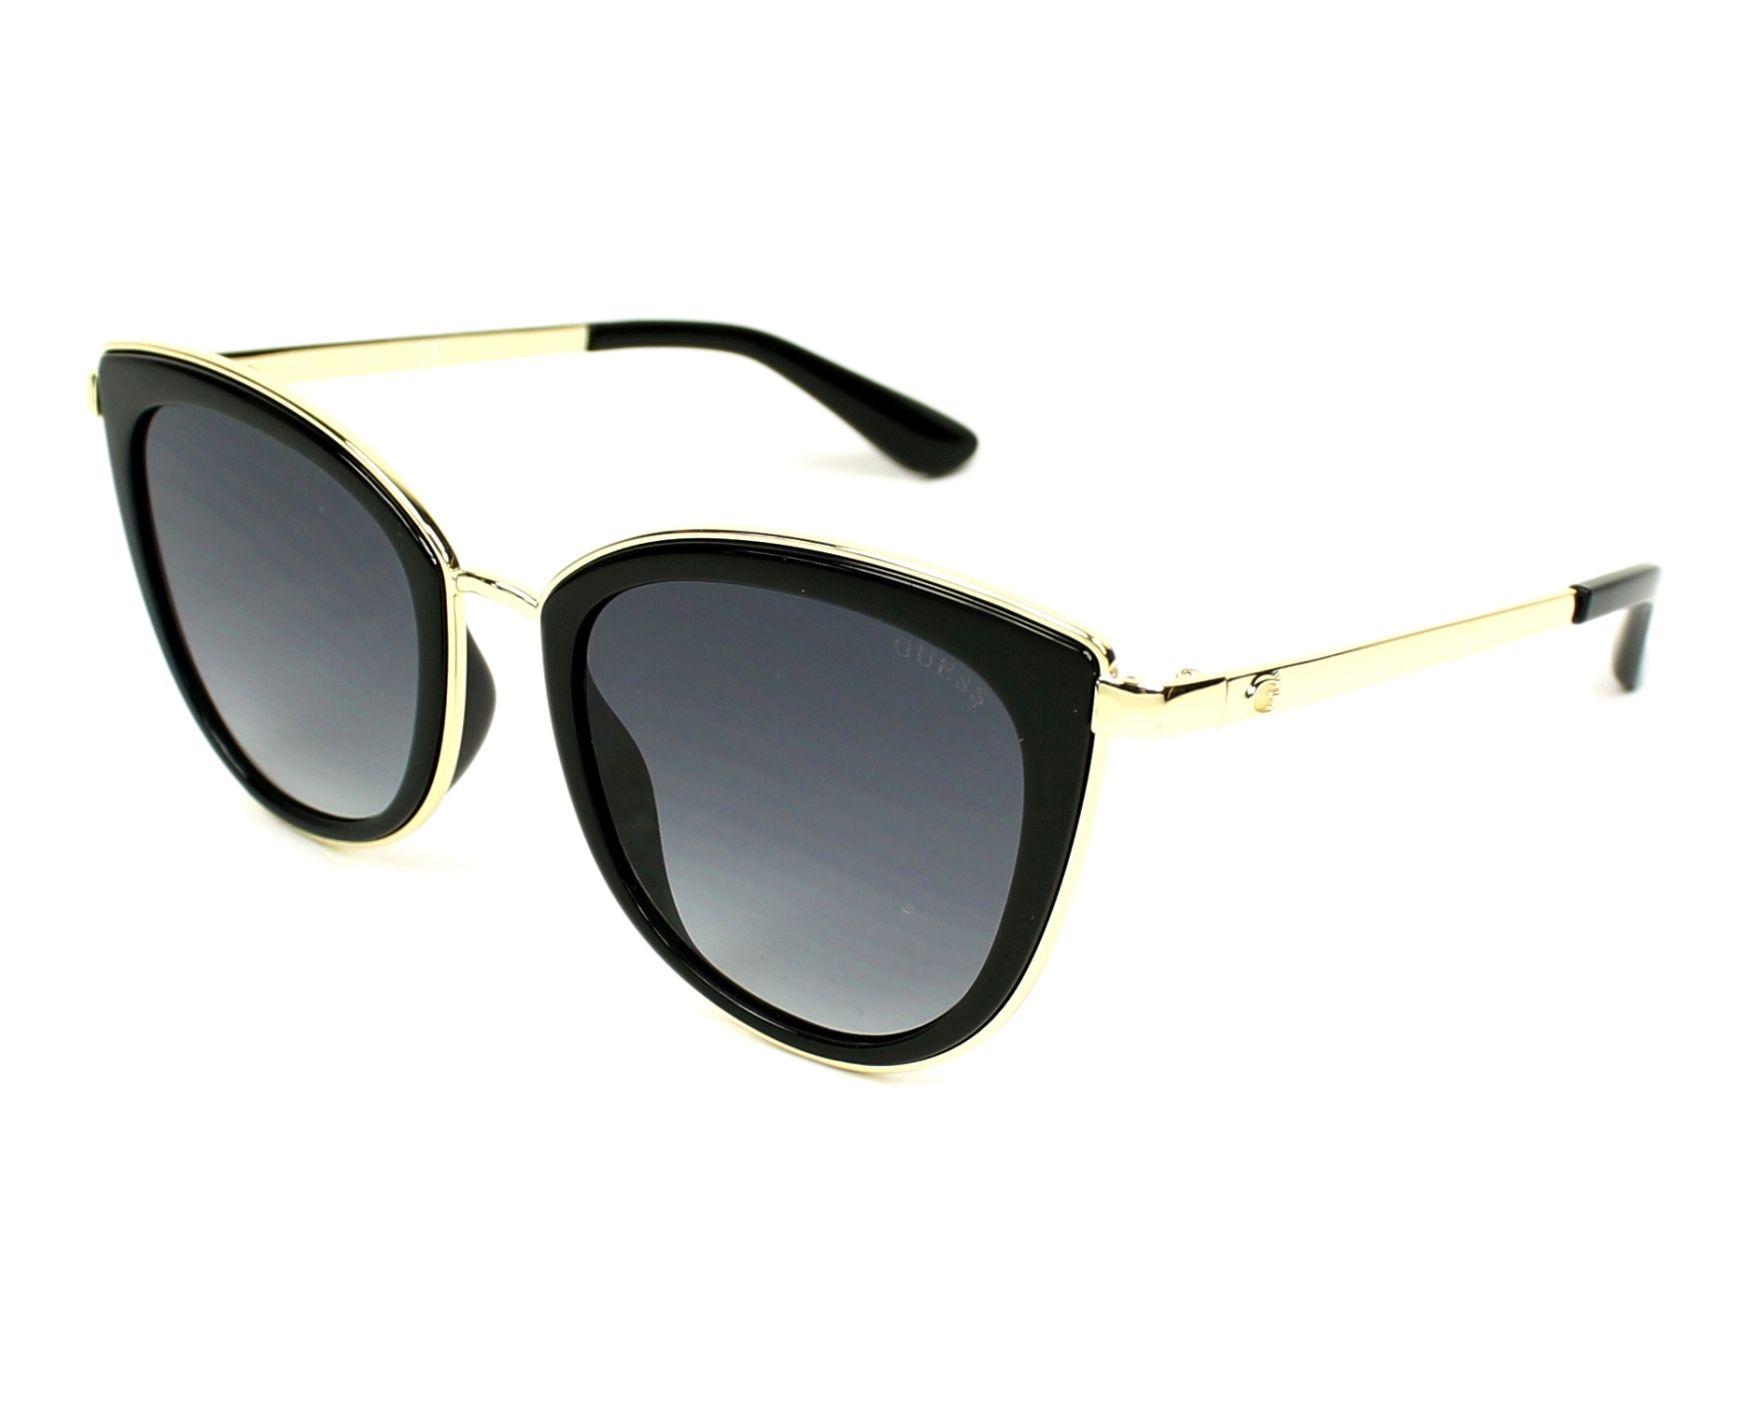 394a56d2ce Gafas de sol Guess GU-7491-S 01B 52-21 Negra Oro vista